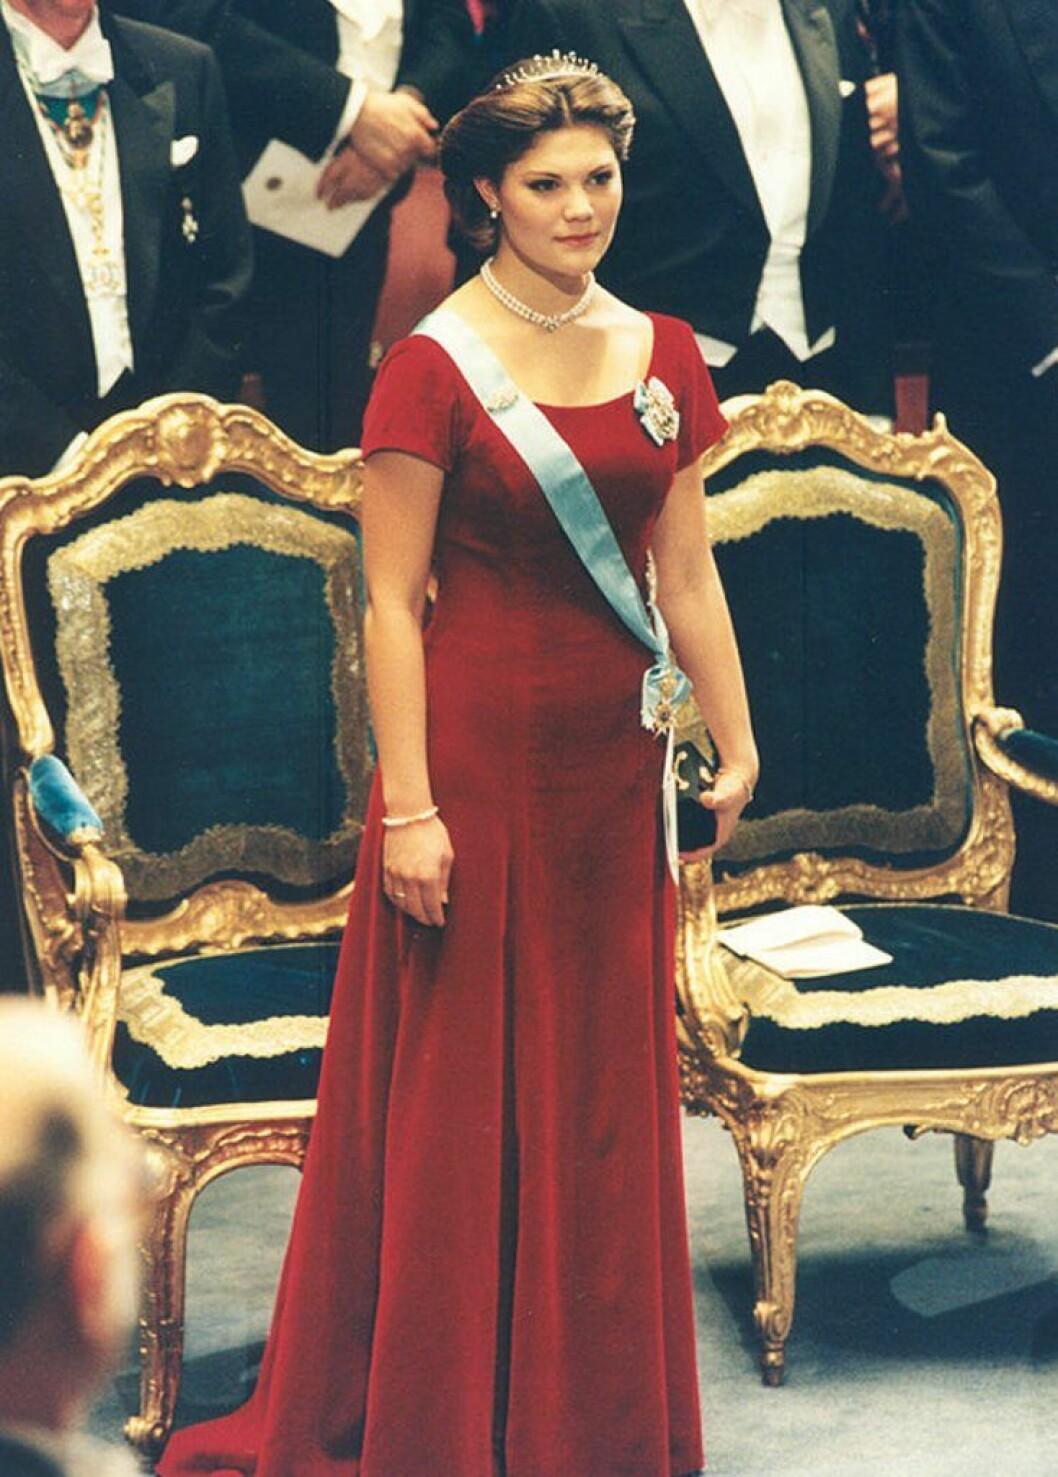 Kronprinsessan Victoria i en röd sammetsklänning.